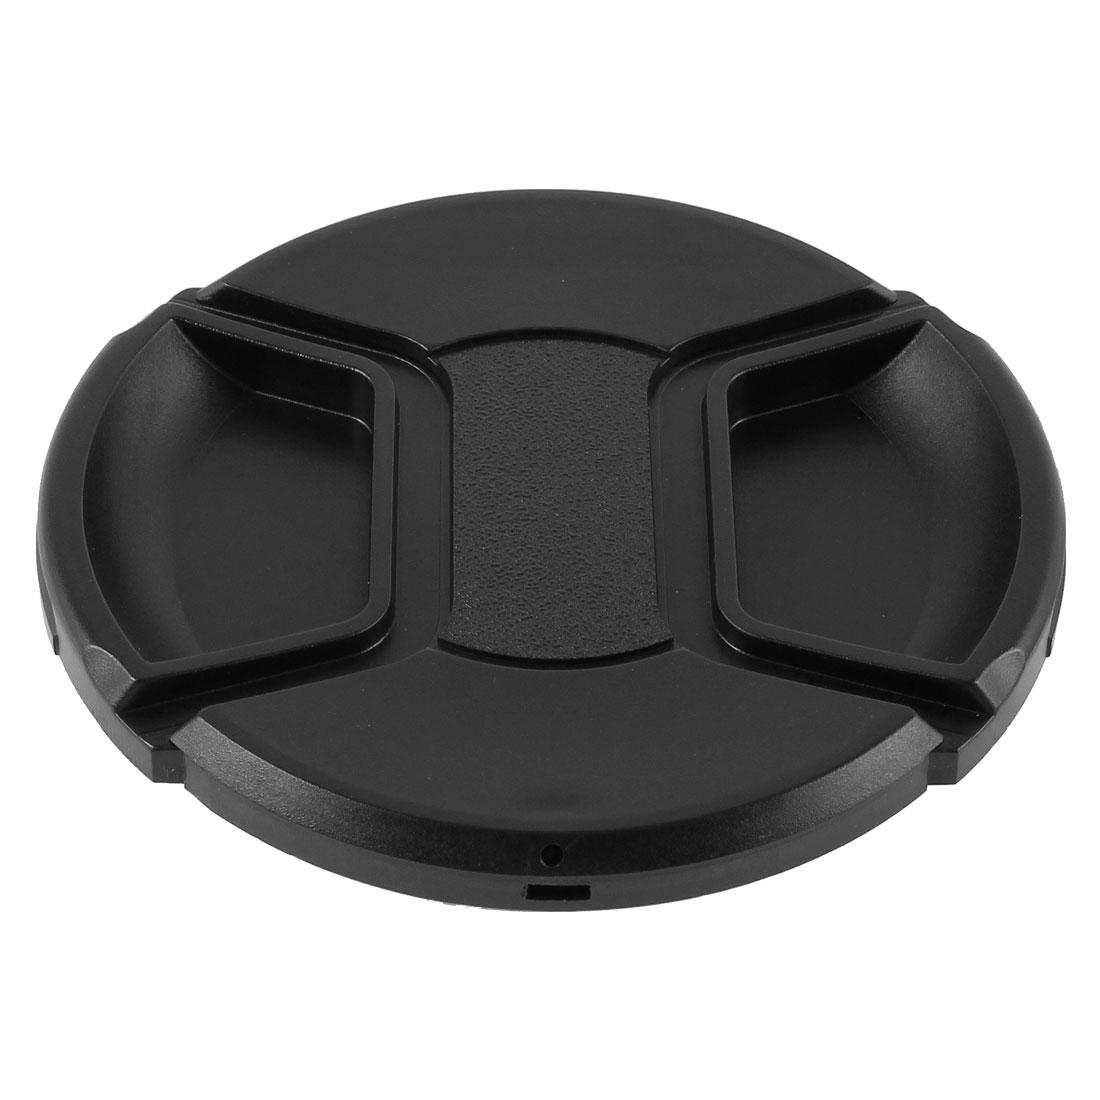 Univeral 86mm Center Pinch Front Lens Cap for DSLR Camera